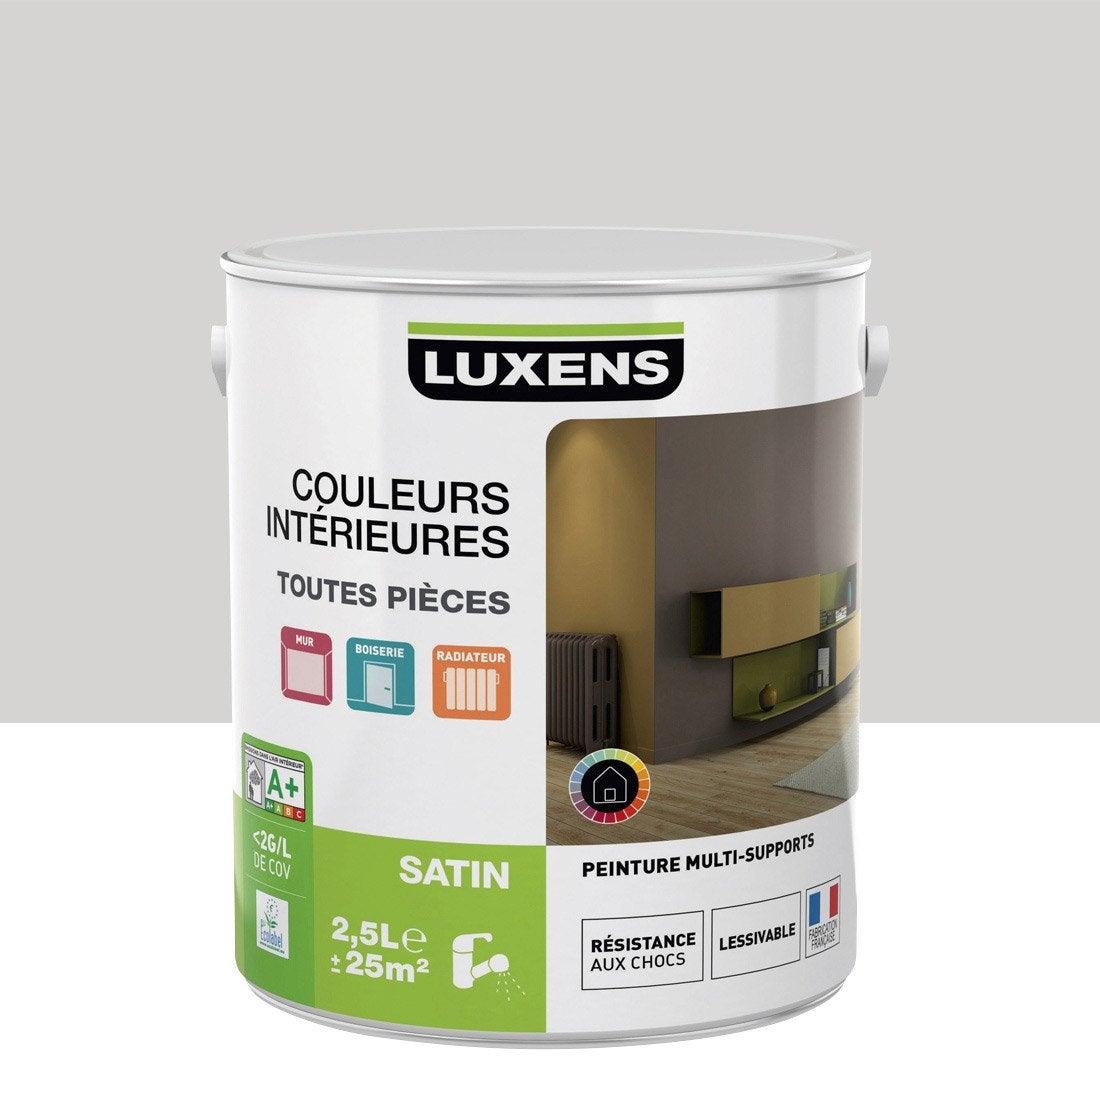 Peinture gris galet 6 luxens couleurs int rieures satin 2 - Couleur gris galet ...